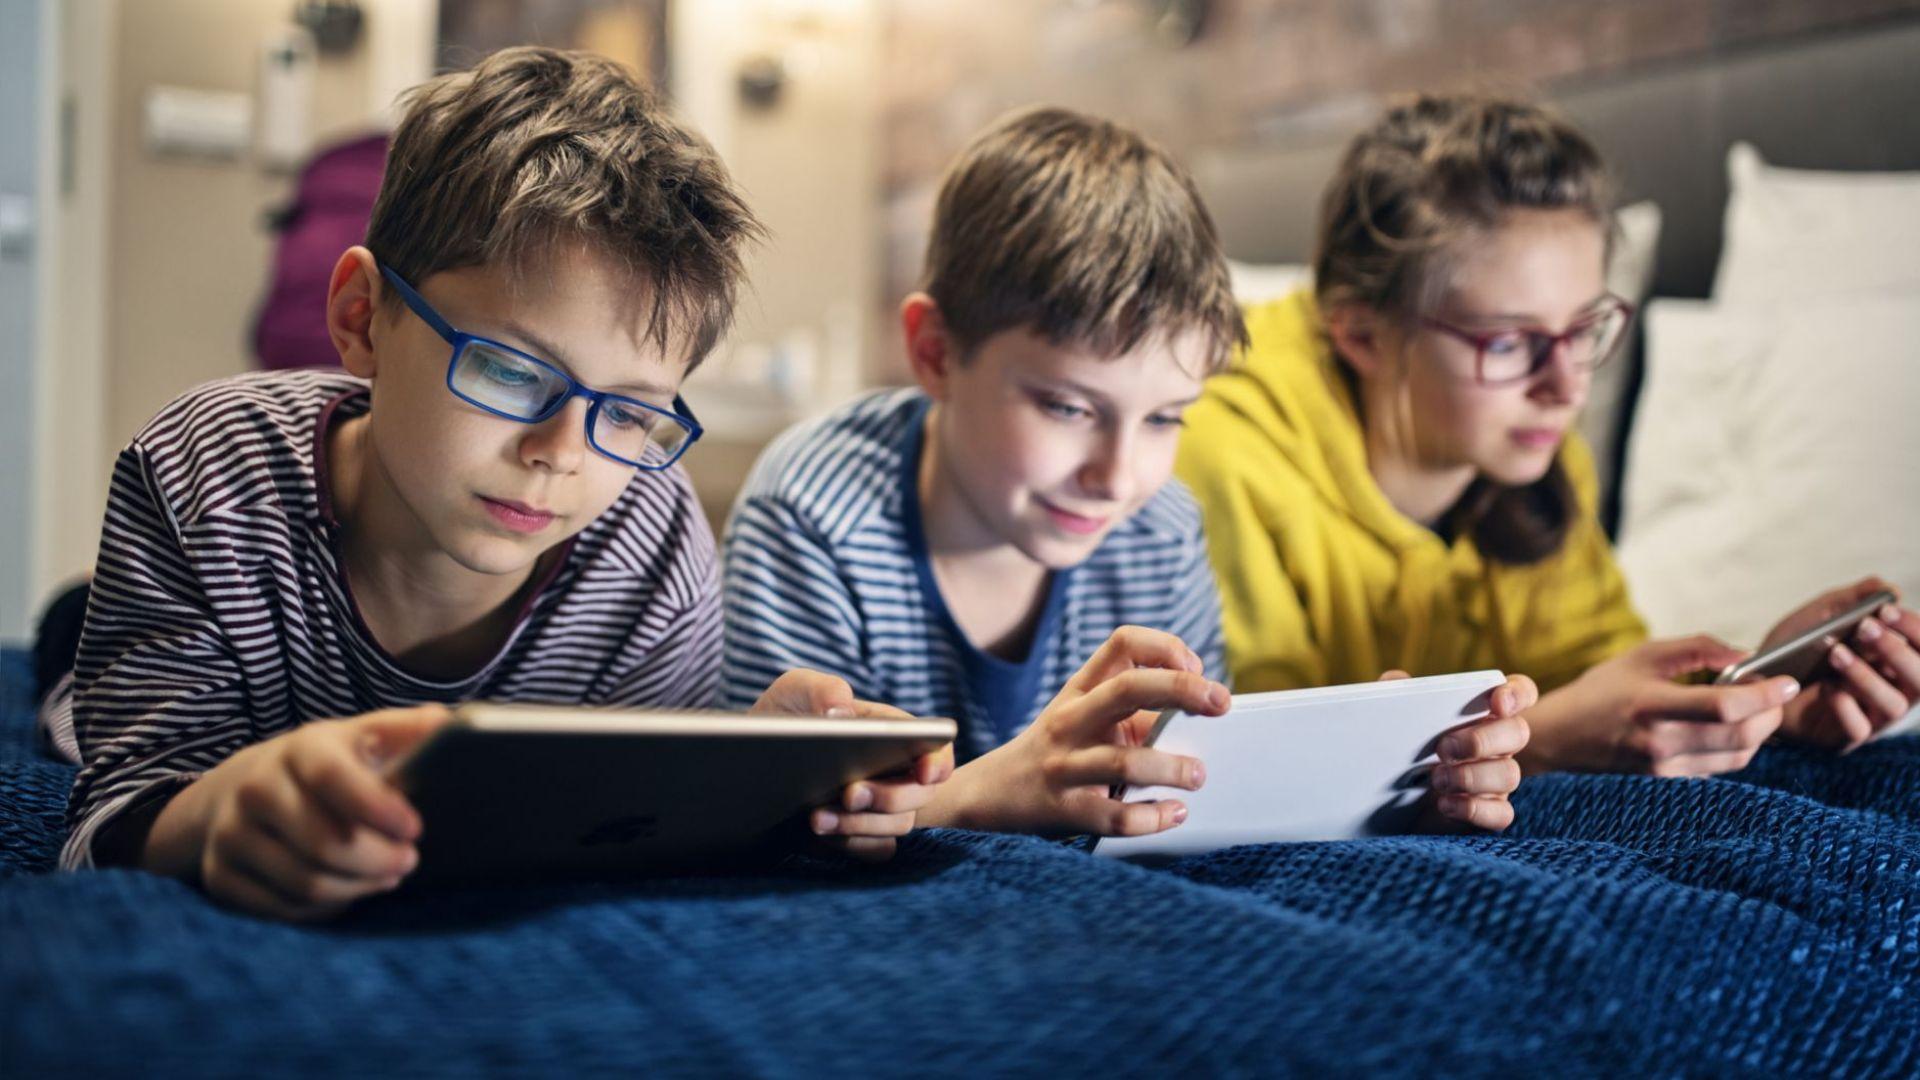 Децата, използващи дълго време електронни устройства, имат проблеми с вниманието